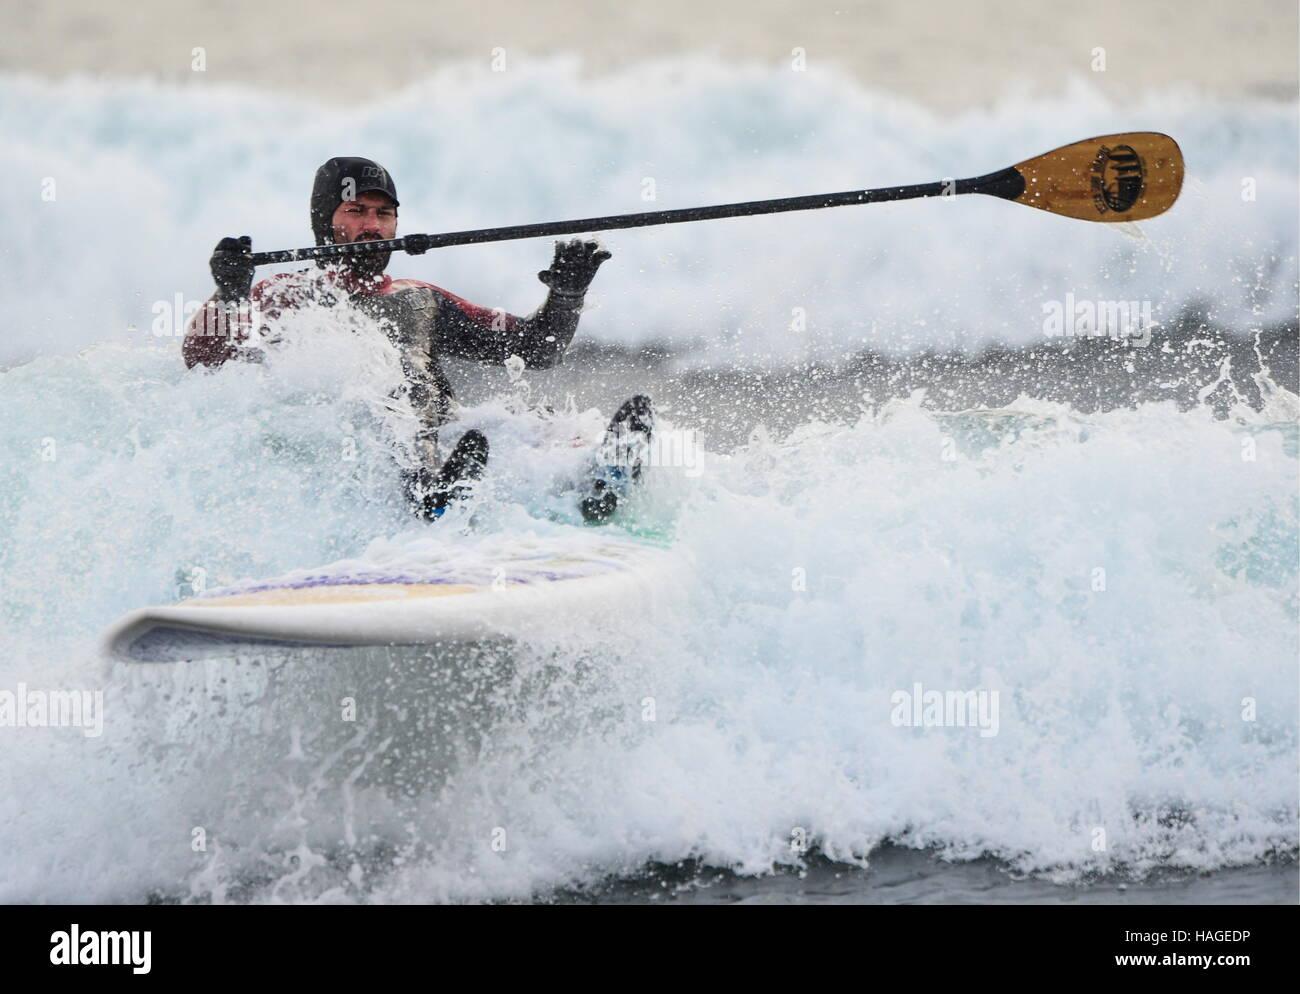 Vladivostok, Russie. 1er décembre 2016. Un homme monté sur une vague sur stand up paddle board dans l'Oussouri Photo Stock